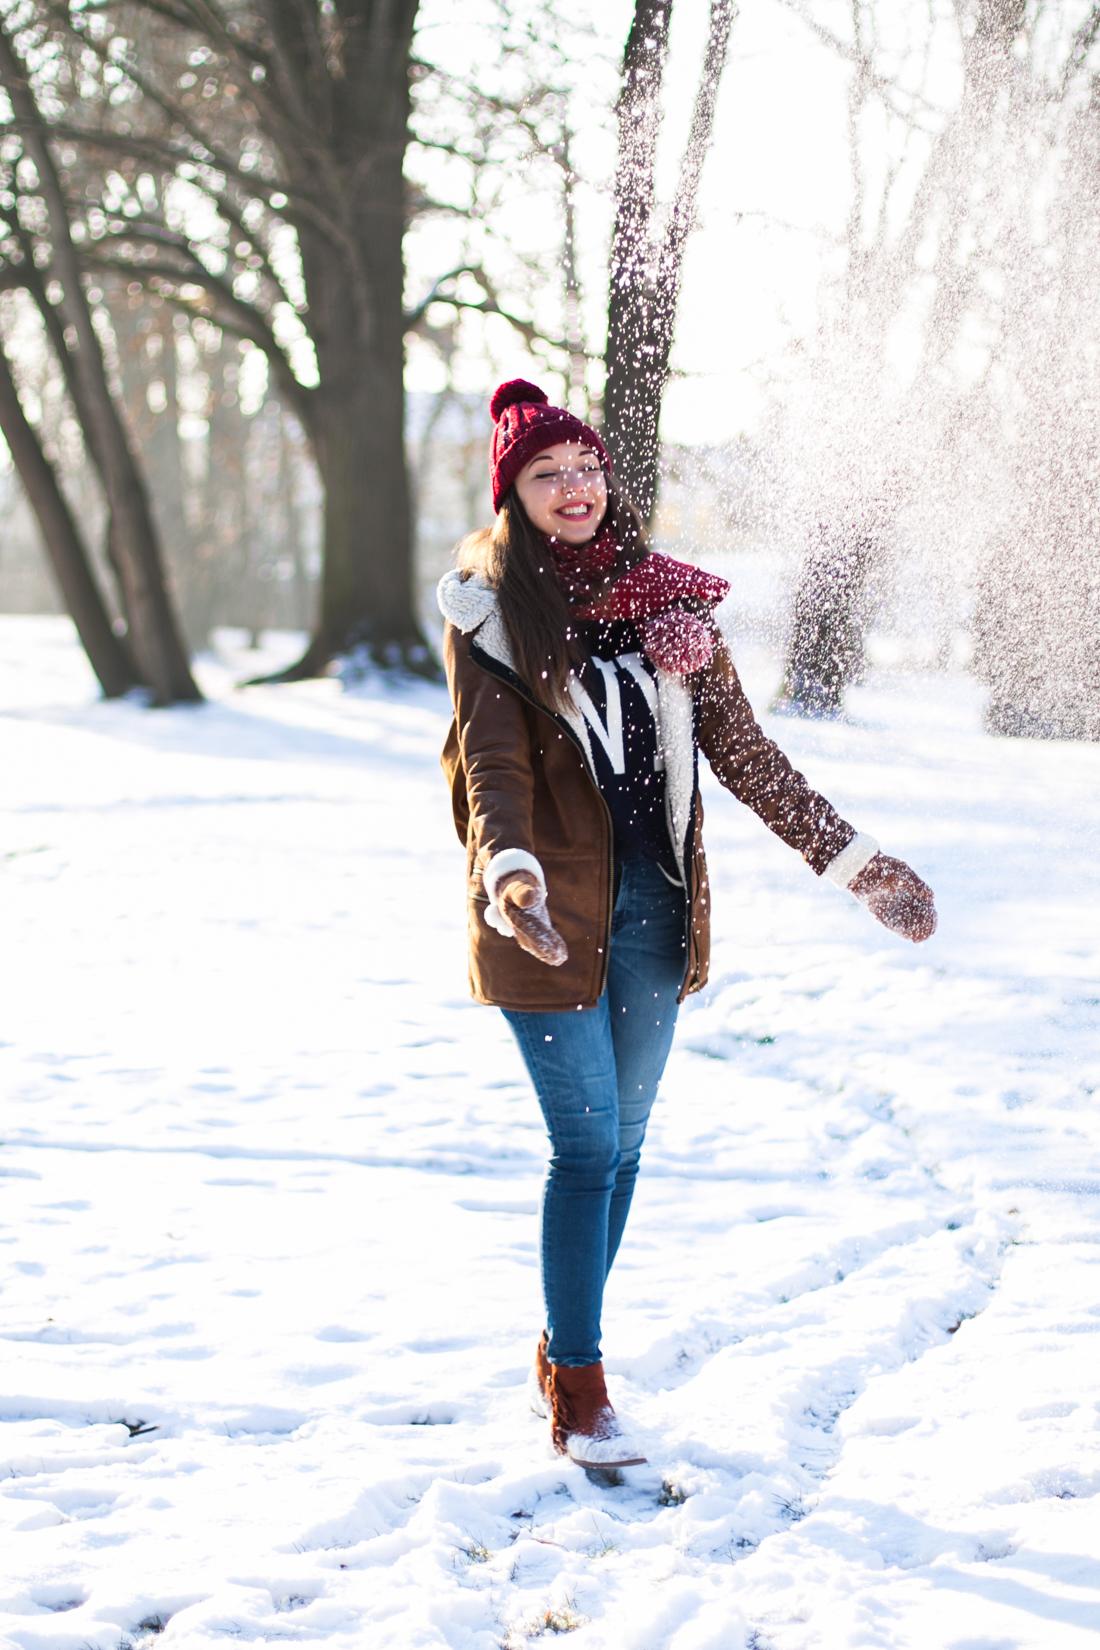 Jeansy z zary stylizacja zimowa